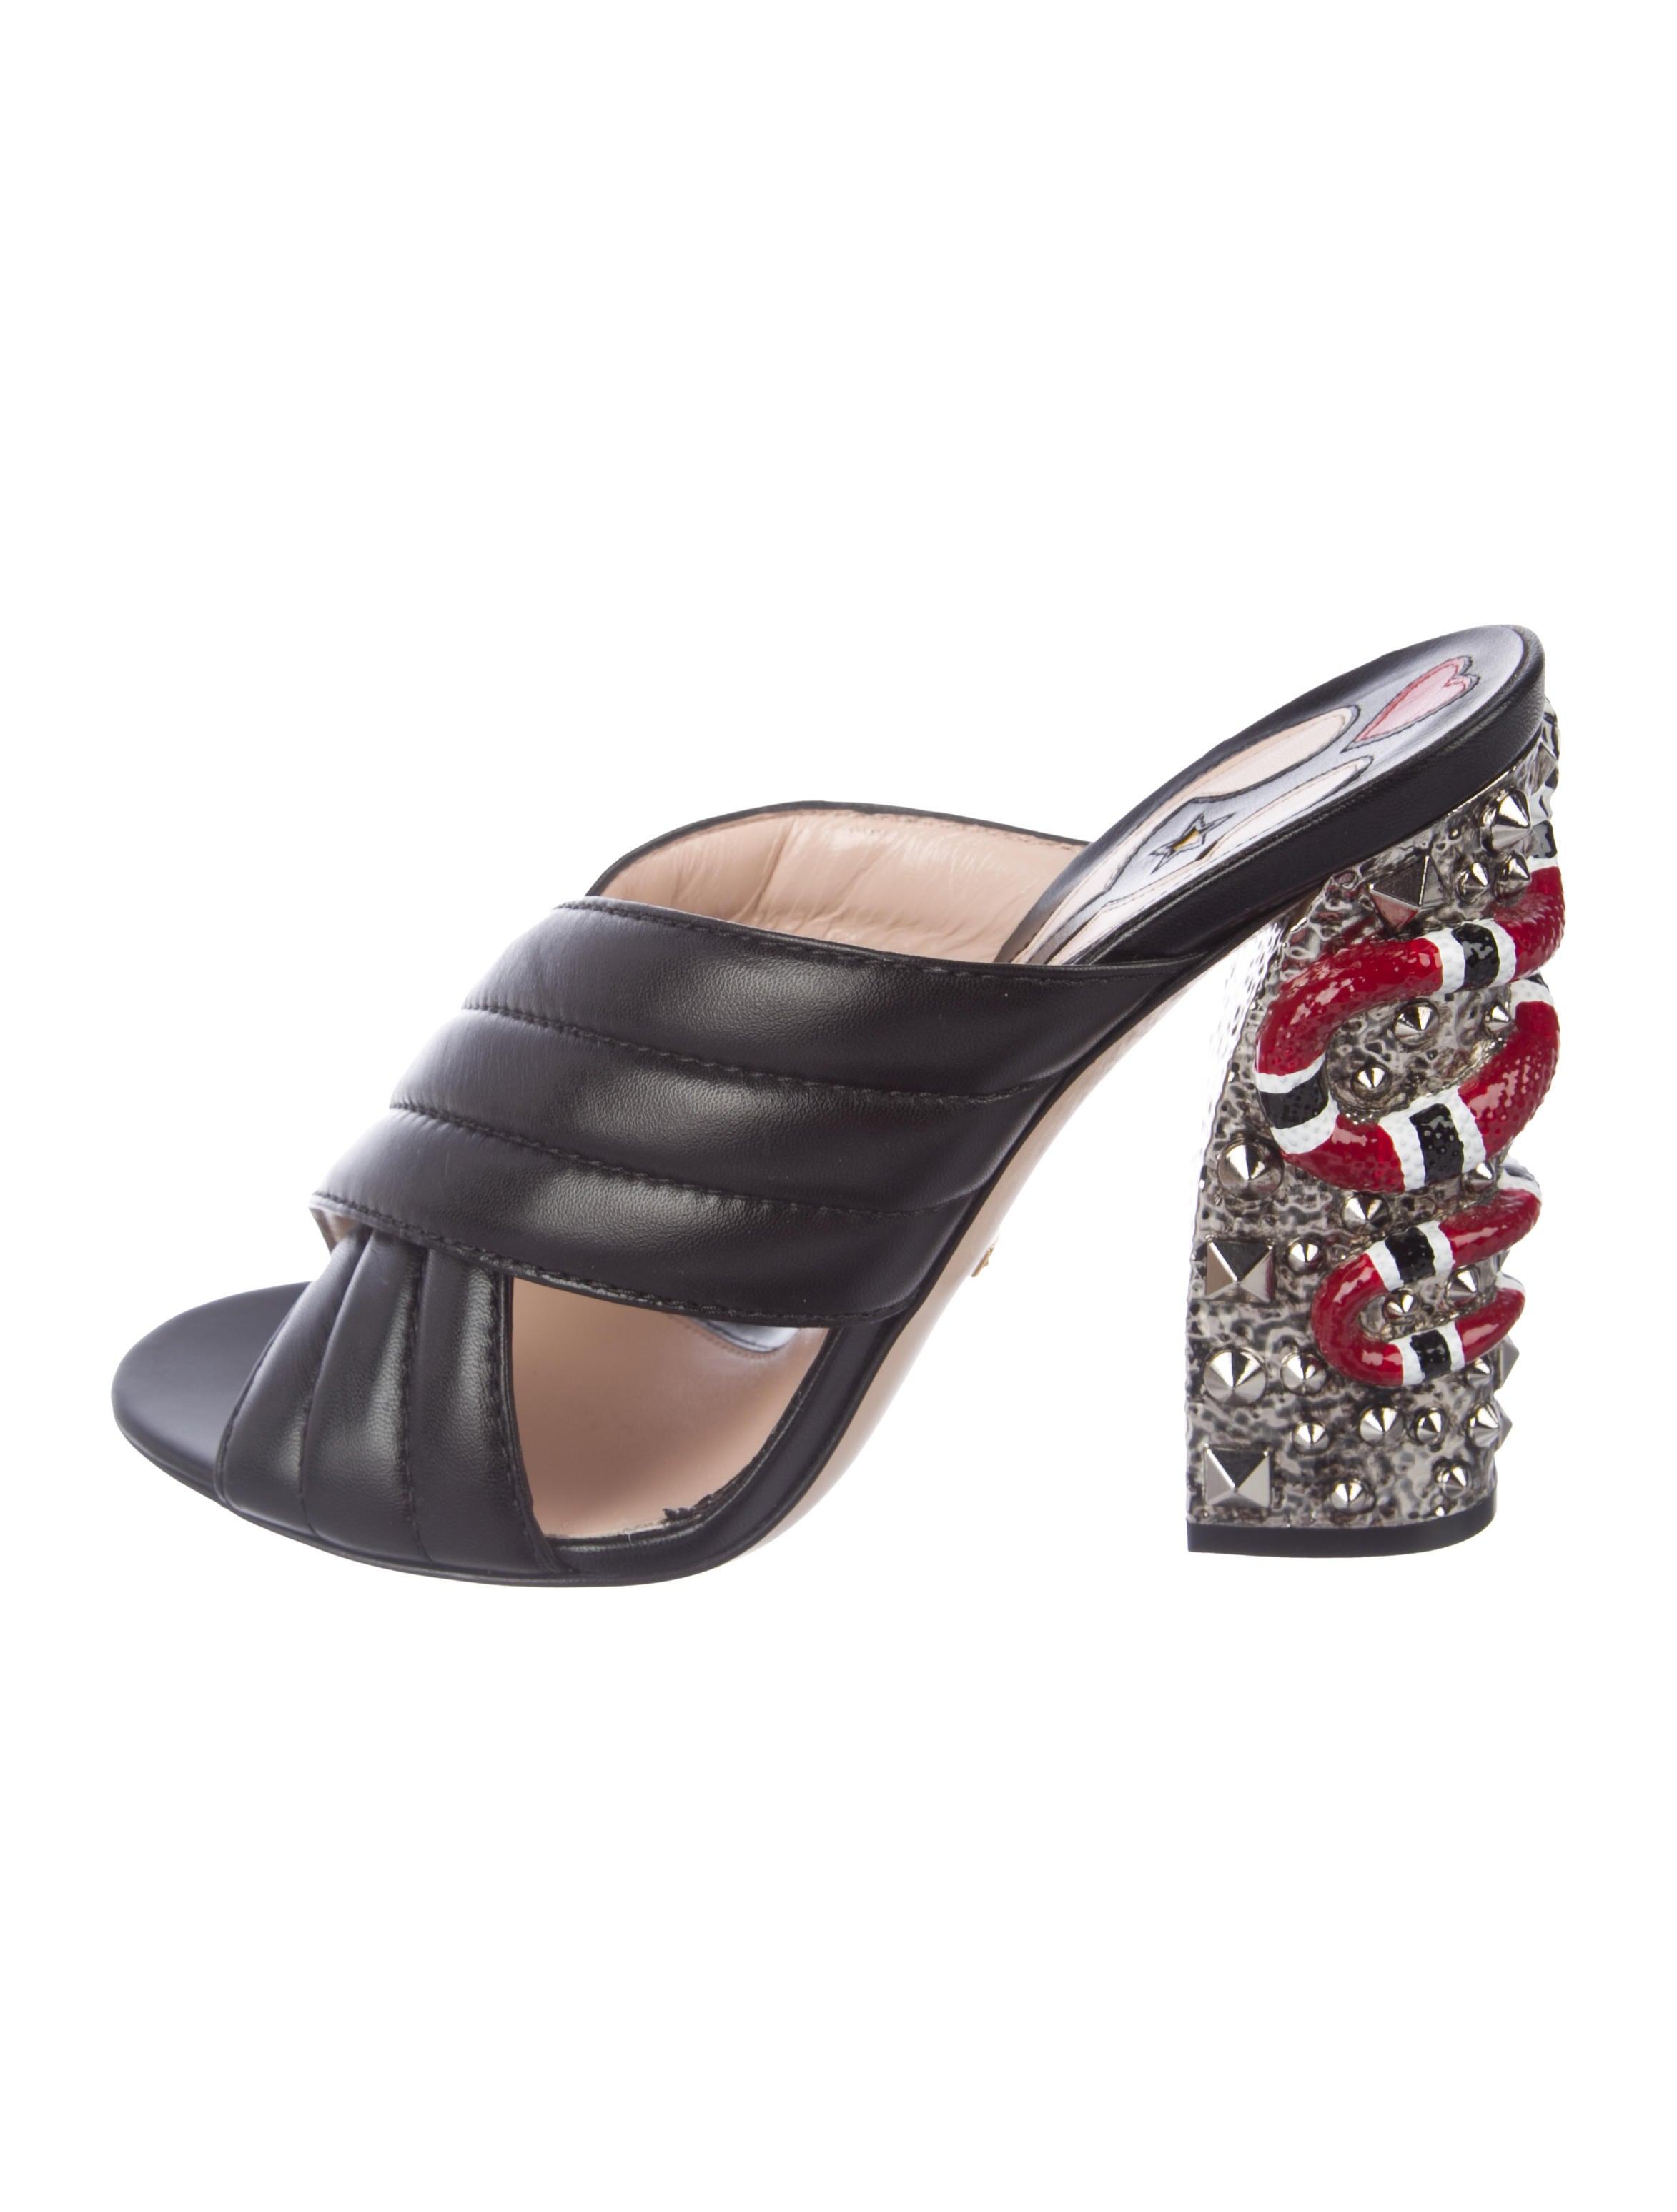 4b56ef01d665 Gucci Shoes